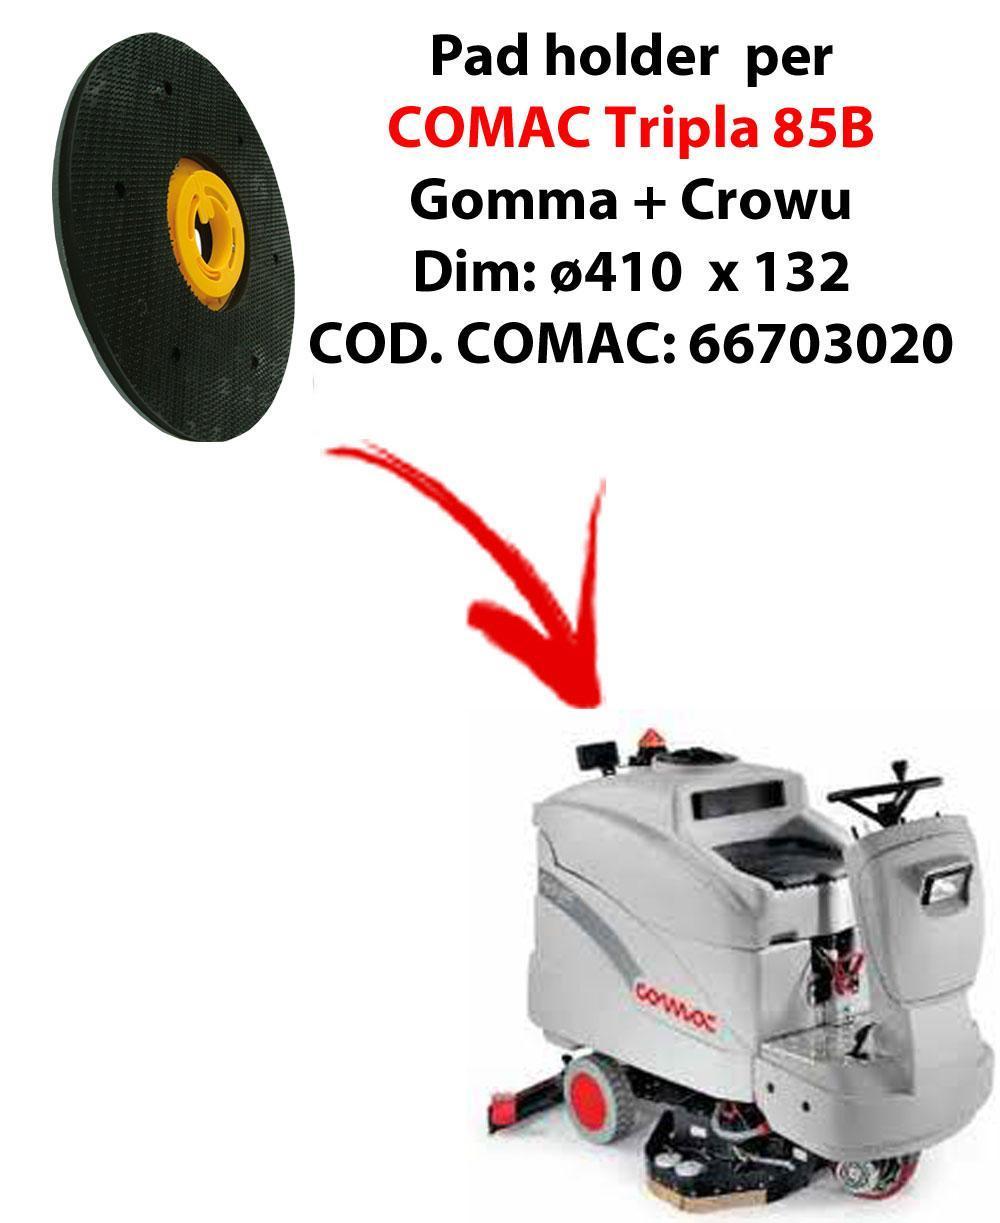 Discos de arrastre ( pad holder) para fregadora COMAC Tripla 85B.